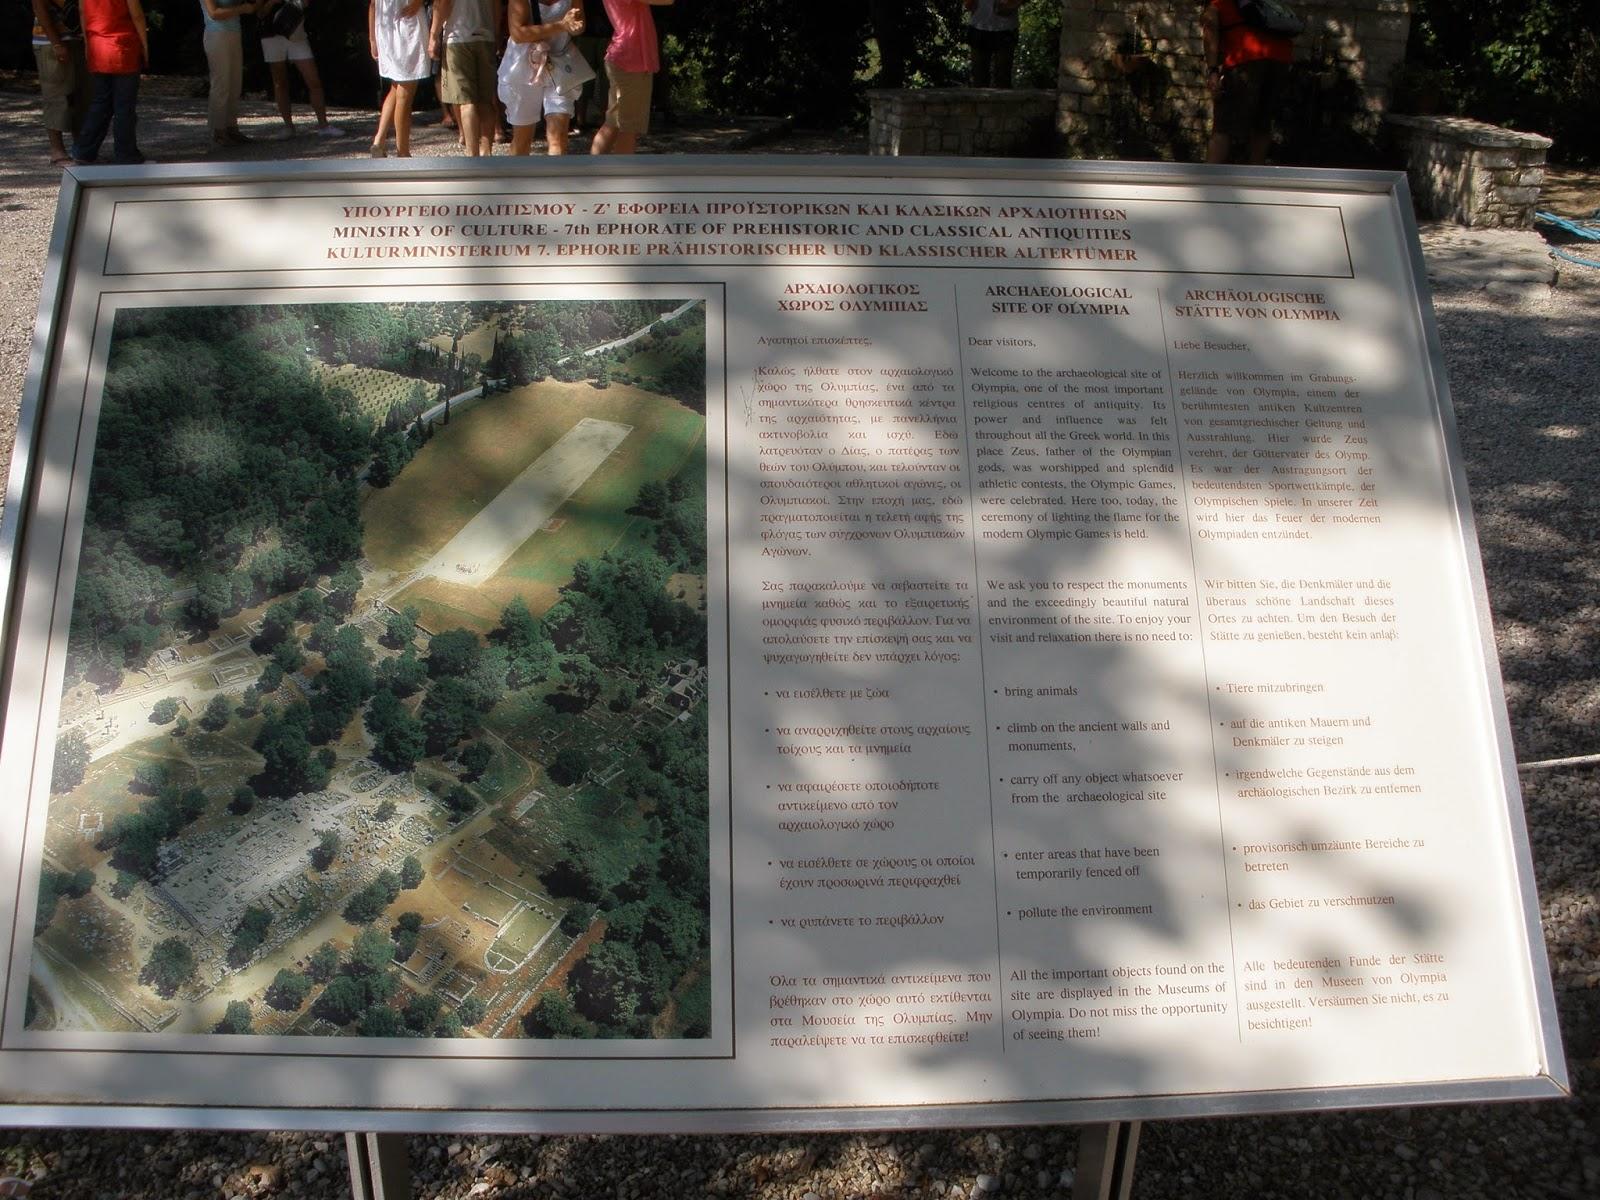 Plano del Santuario Arqueológico de Olimpia